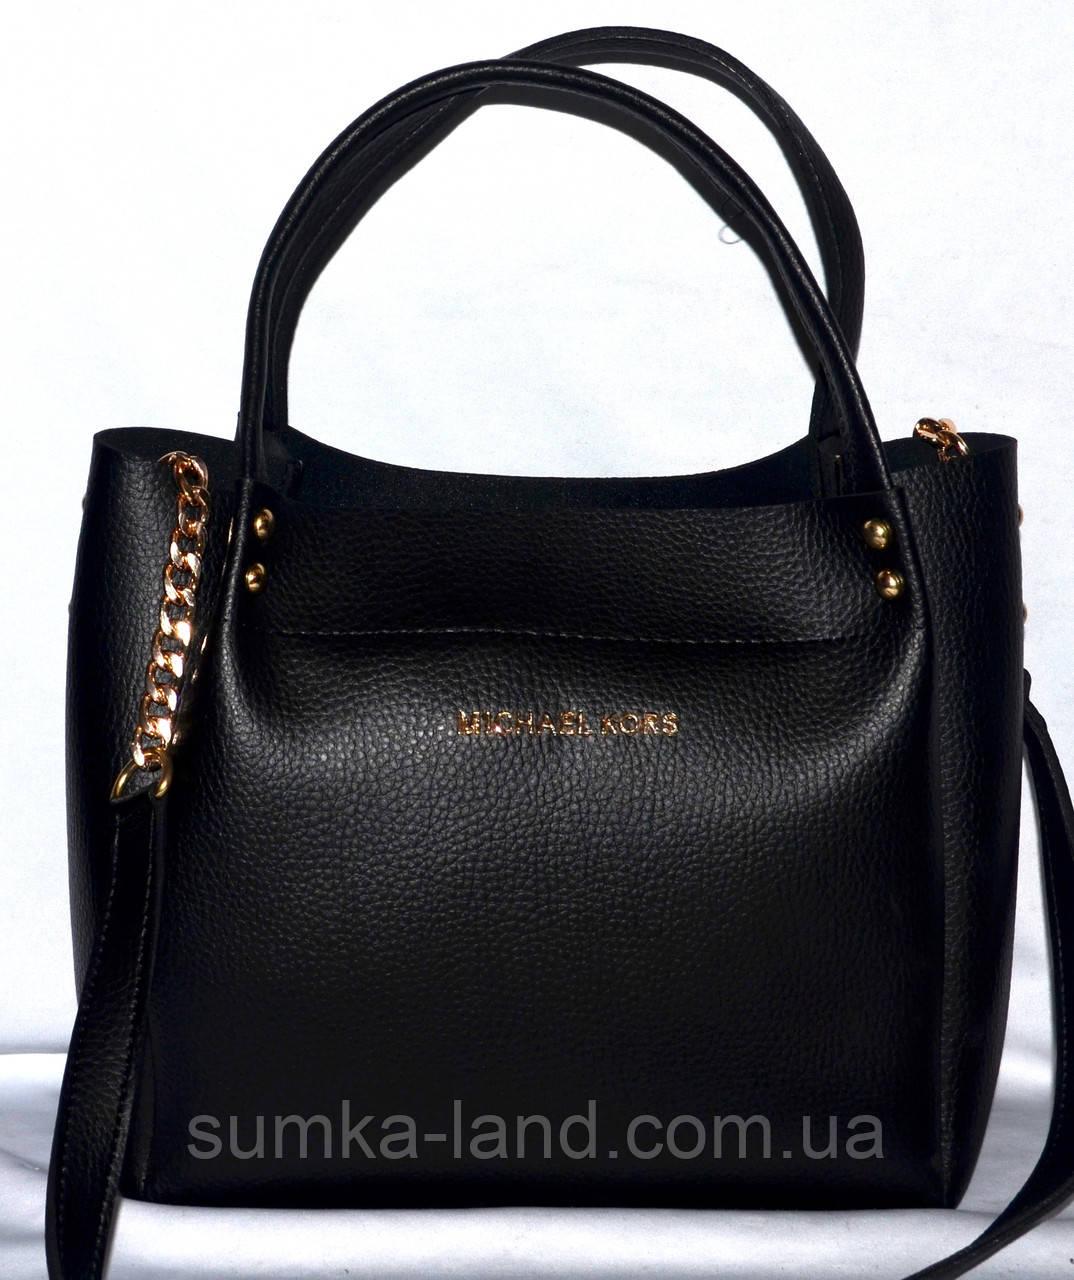 feaf64eba166 Женская брендовая черная сумка Michael Kors 26 25 см - SUMKA-LAND в Харькове